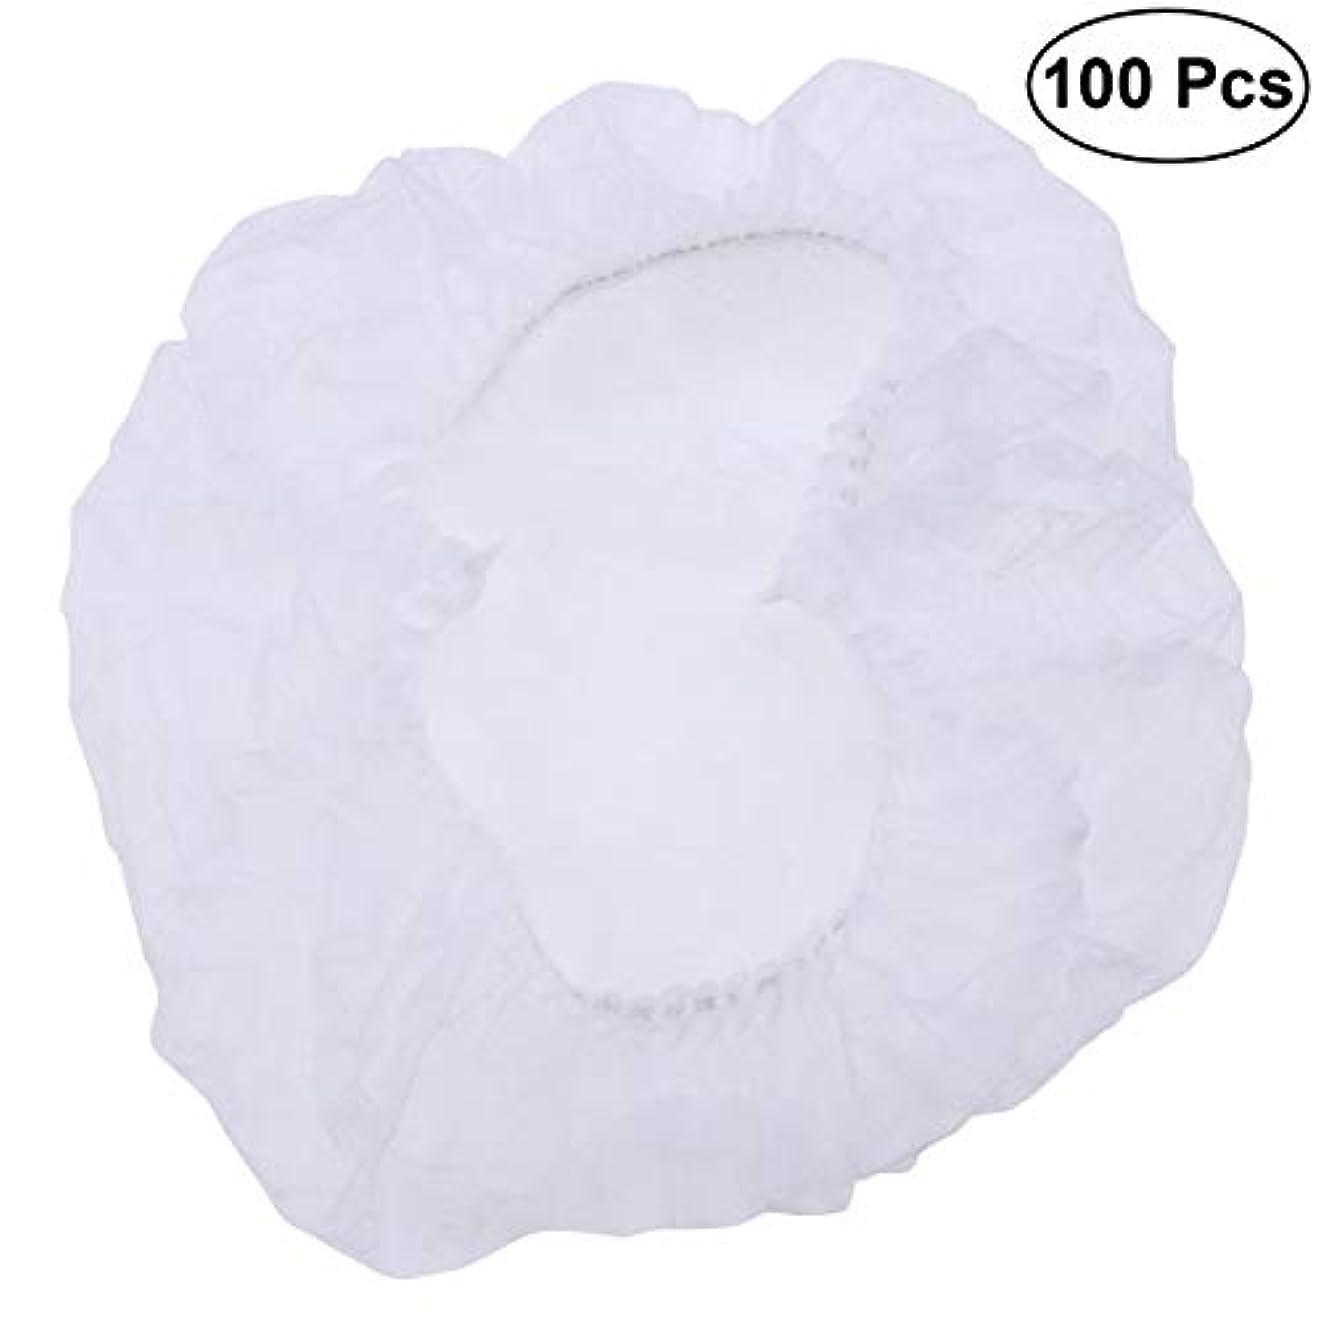 振動するビバ器官SUPVOX ヘアサロンの家のホテル100pcsのための使い捨て可能なシャワーキャップの伸縮性がある毛の帽子